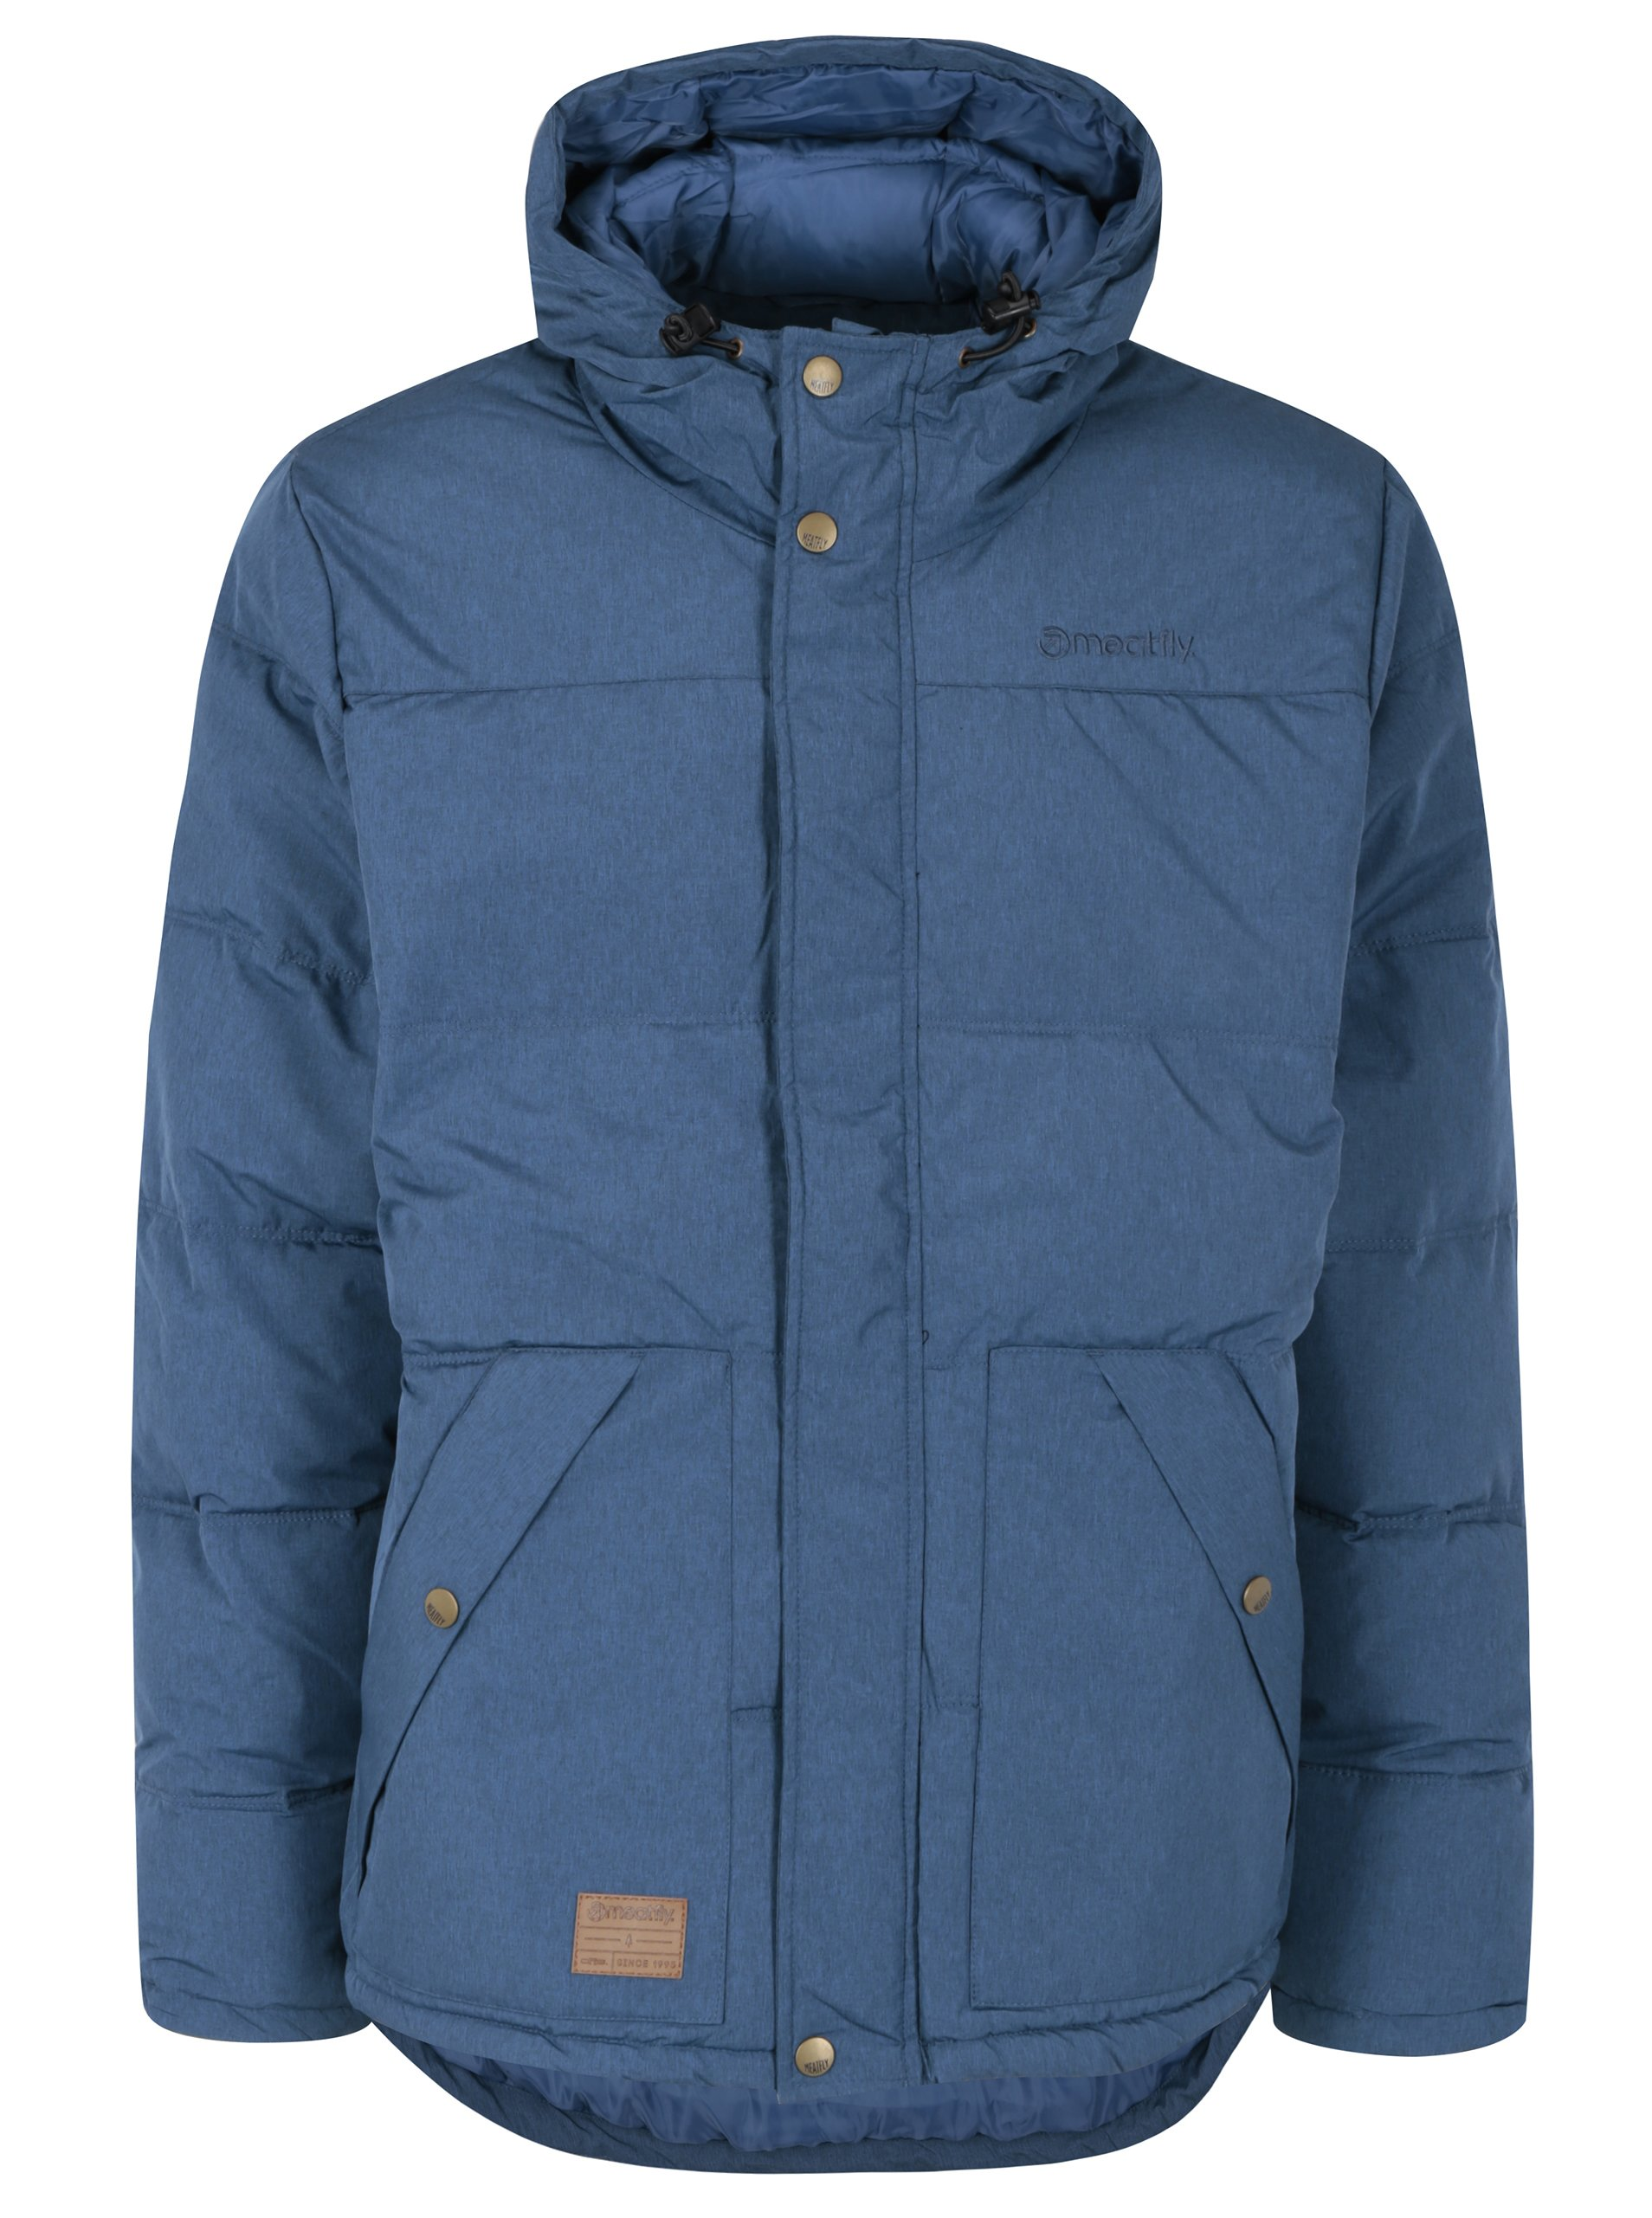 Modrá pánská nepromokavá zimní bunda MEATFLY Chubby 2